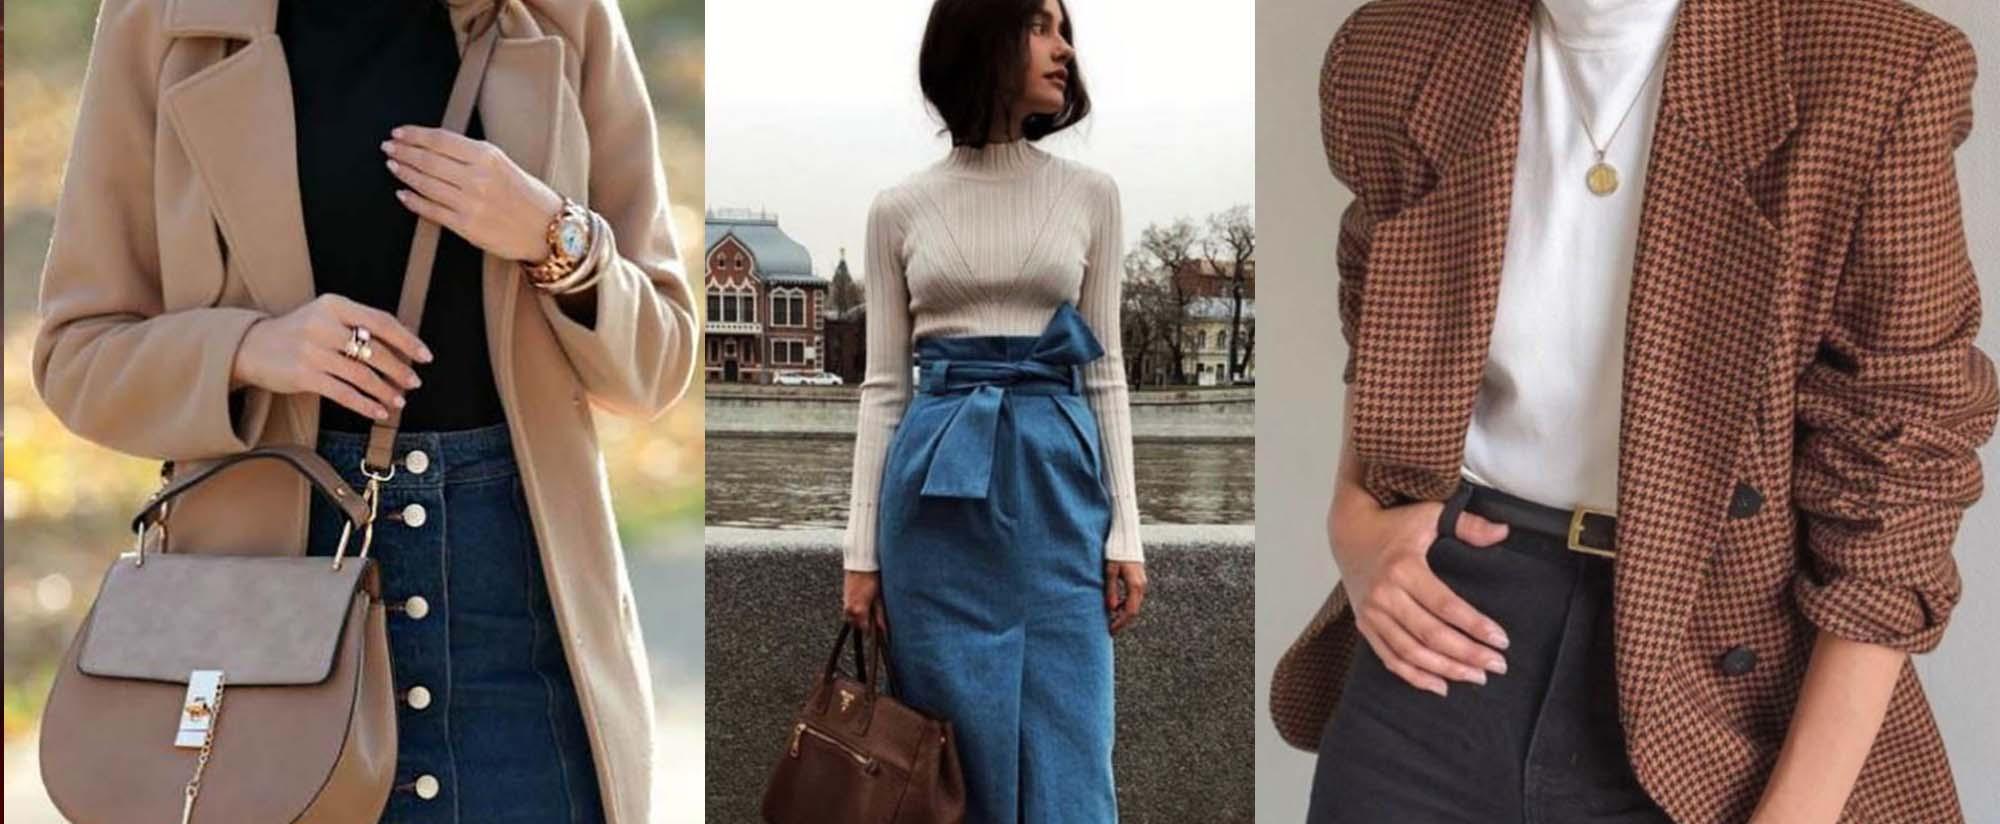 אופנה, חדשות אופנה, אופנת נשים, כתבות אופנה -